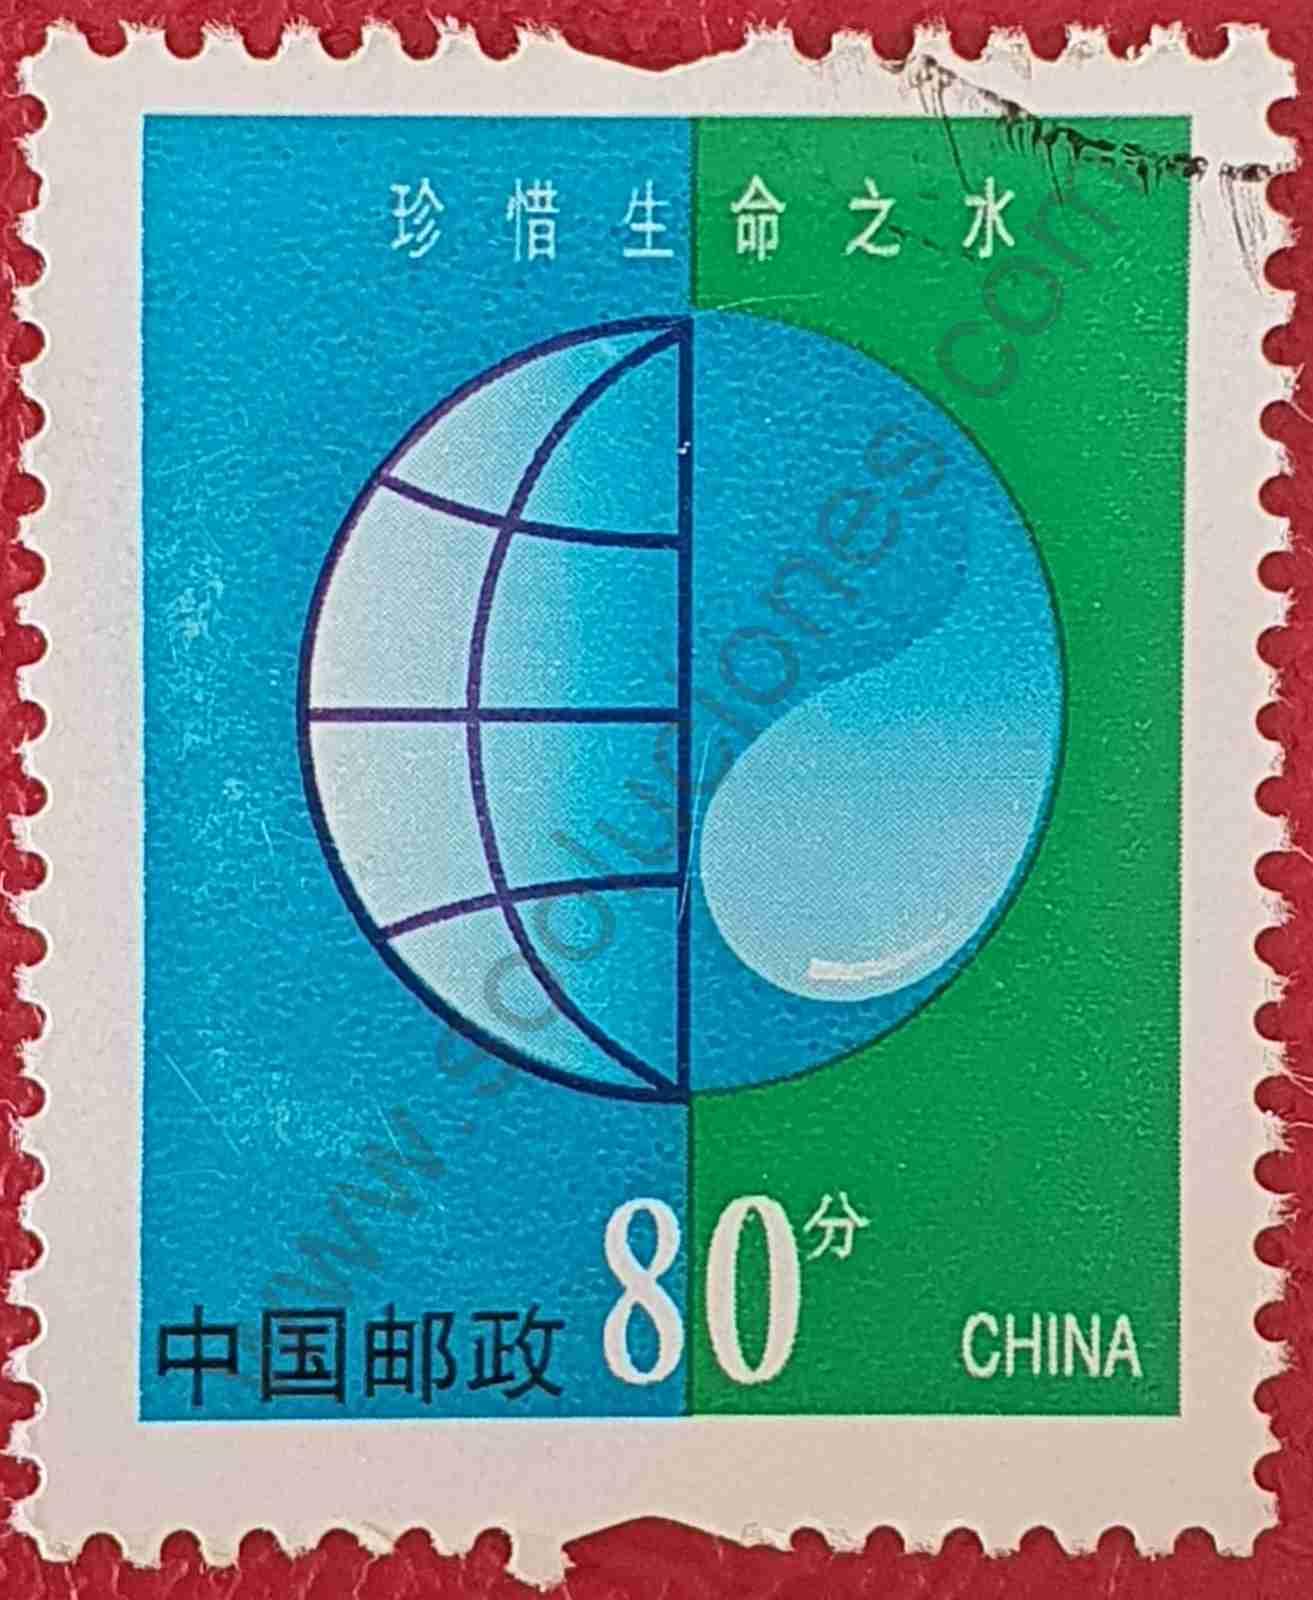 Gota de agua - sello China año 2002